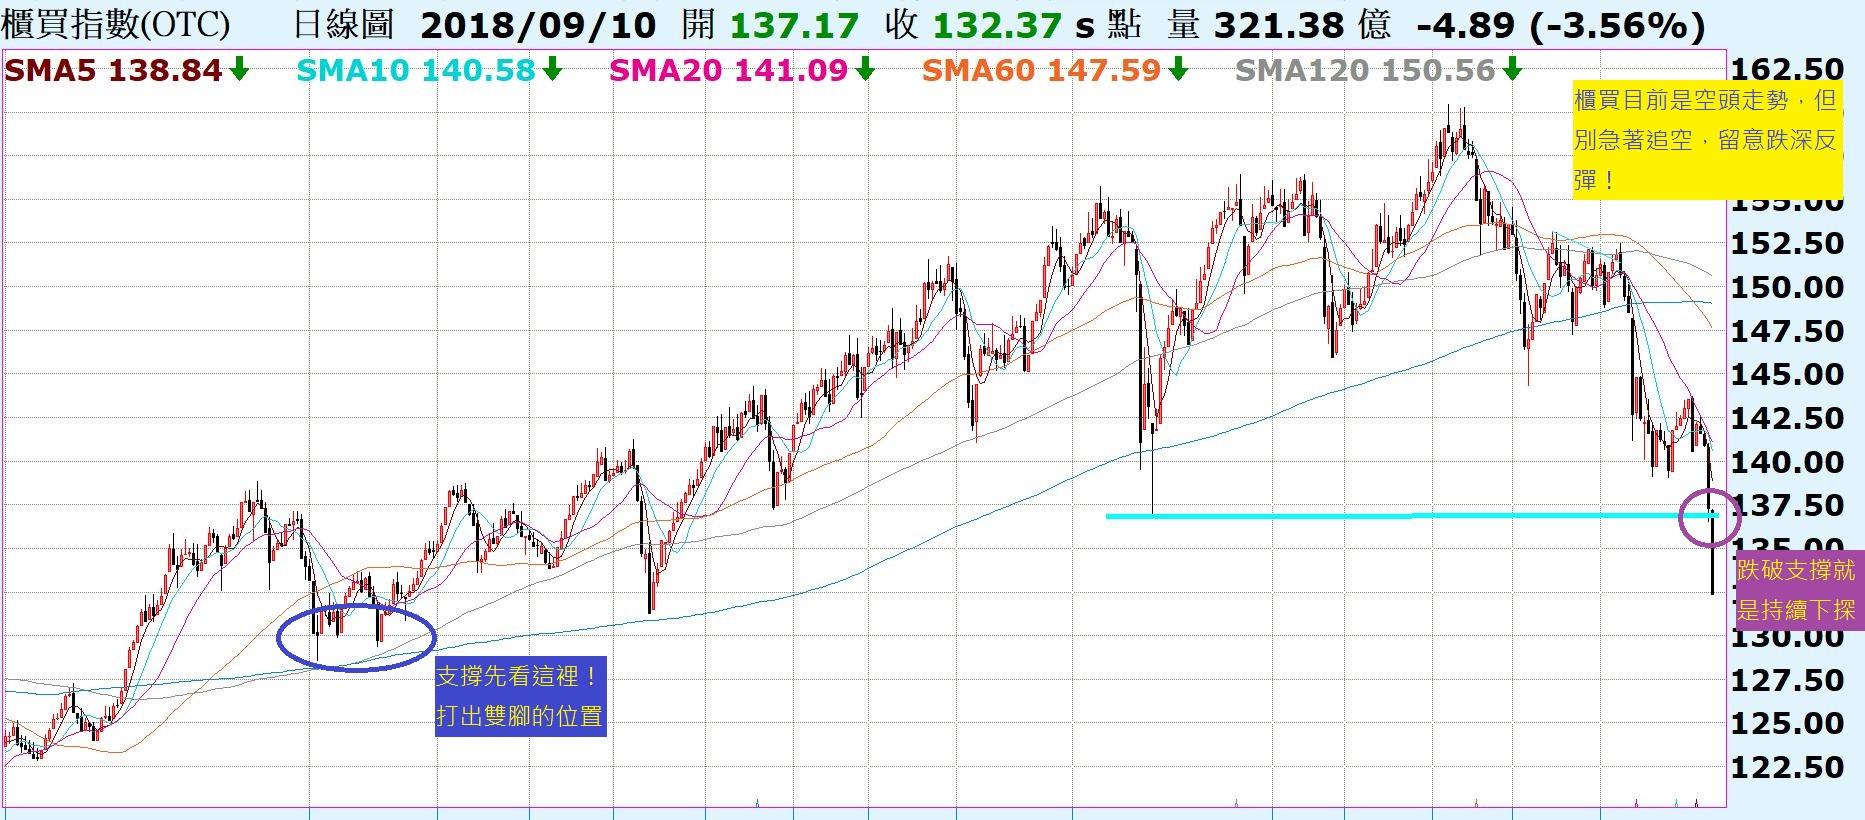 台股的慣性,回測上升趨勢線後彈升!陸股上證指數再度回測前低支撐,能否有守將是關鍵!_02